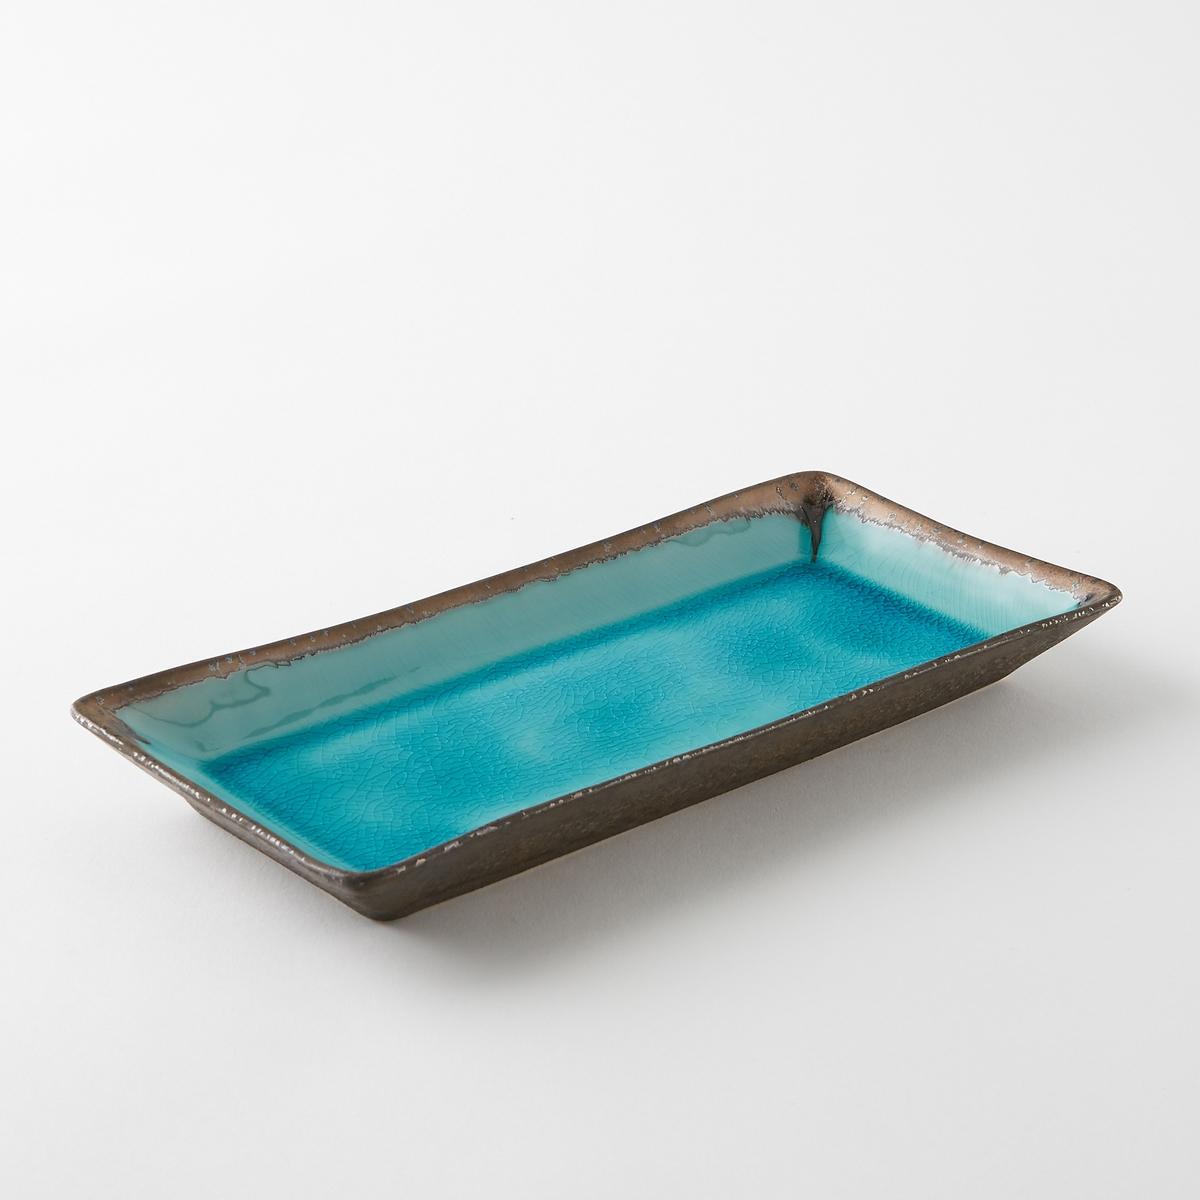 Блюдо из глазурованной керамики, AltadillПрямоугольное блюдо Altadill. Керамическое блюдо с бирюзовой эмалью и металлизированной отделкой под бронзу. Ручная работа, каждое блюдо уникально. Размеры : Дл30,5 x Выс3 x Гл14 см .Не подходит для мытья в посудомоечной машине.<br><br>Цвет: голубой бирюзовый